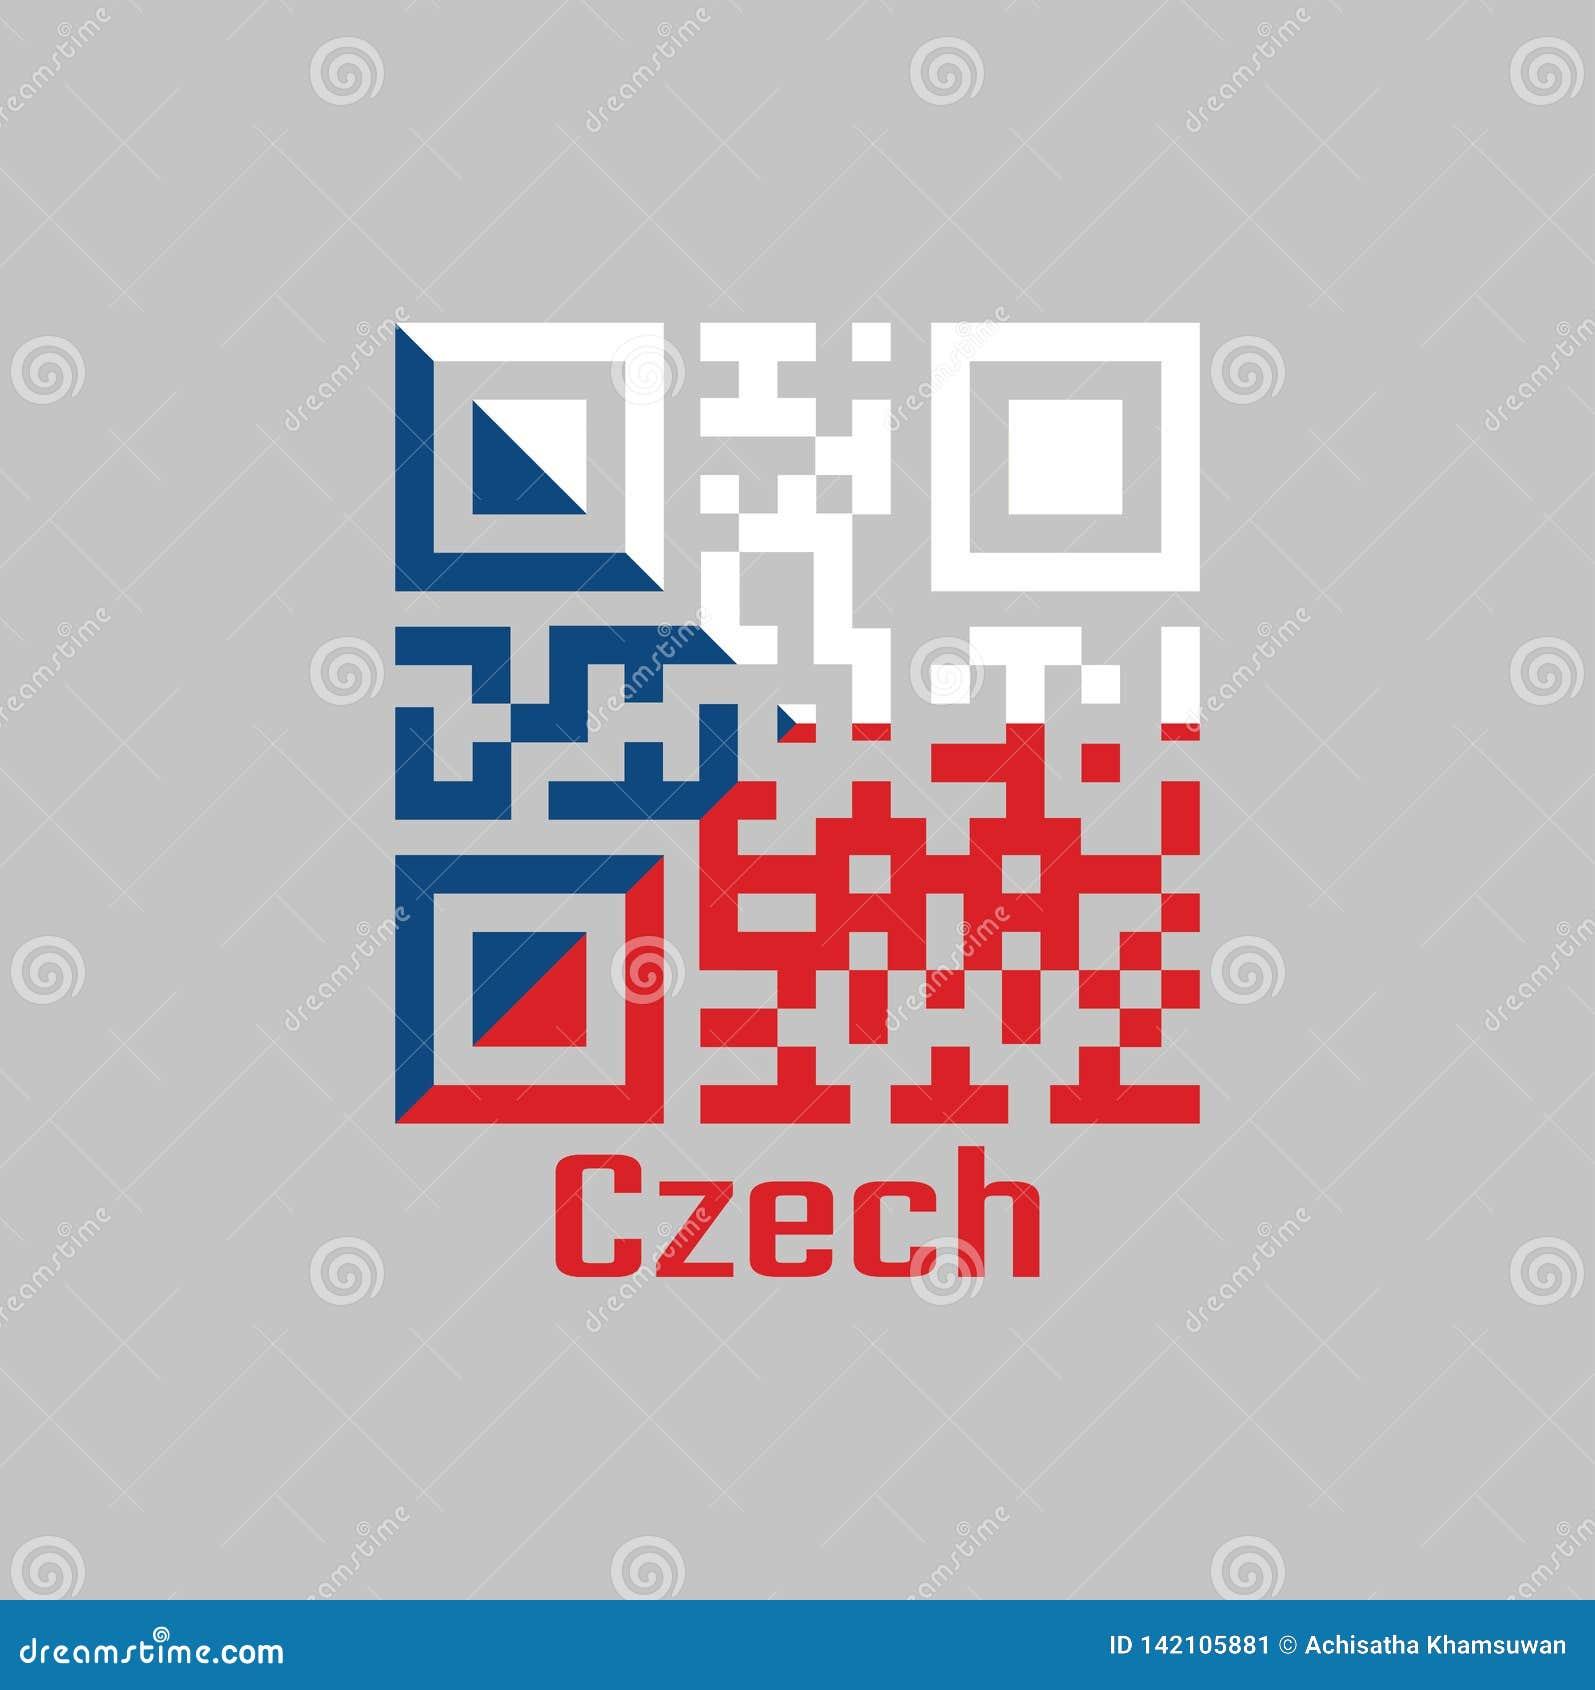 Codes de QR la couleur du drapeau tchèque deux bandes horizontales égales de supérieur et rouge blancs avec une triangle isocèle